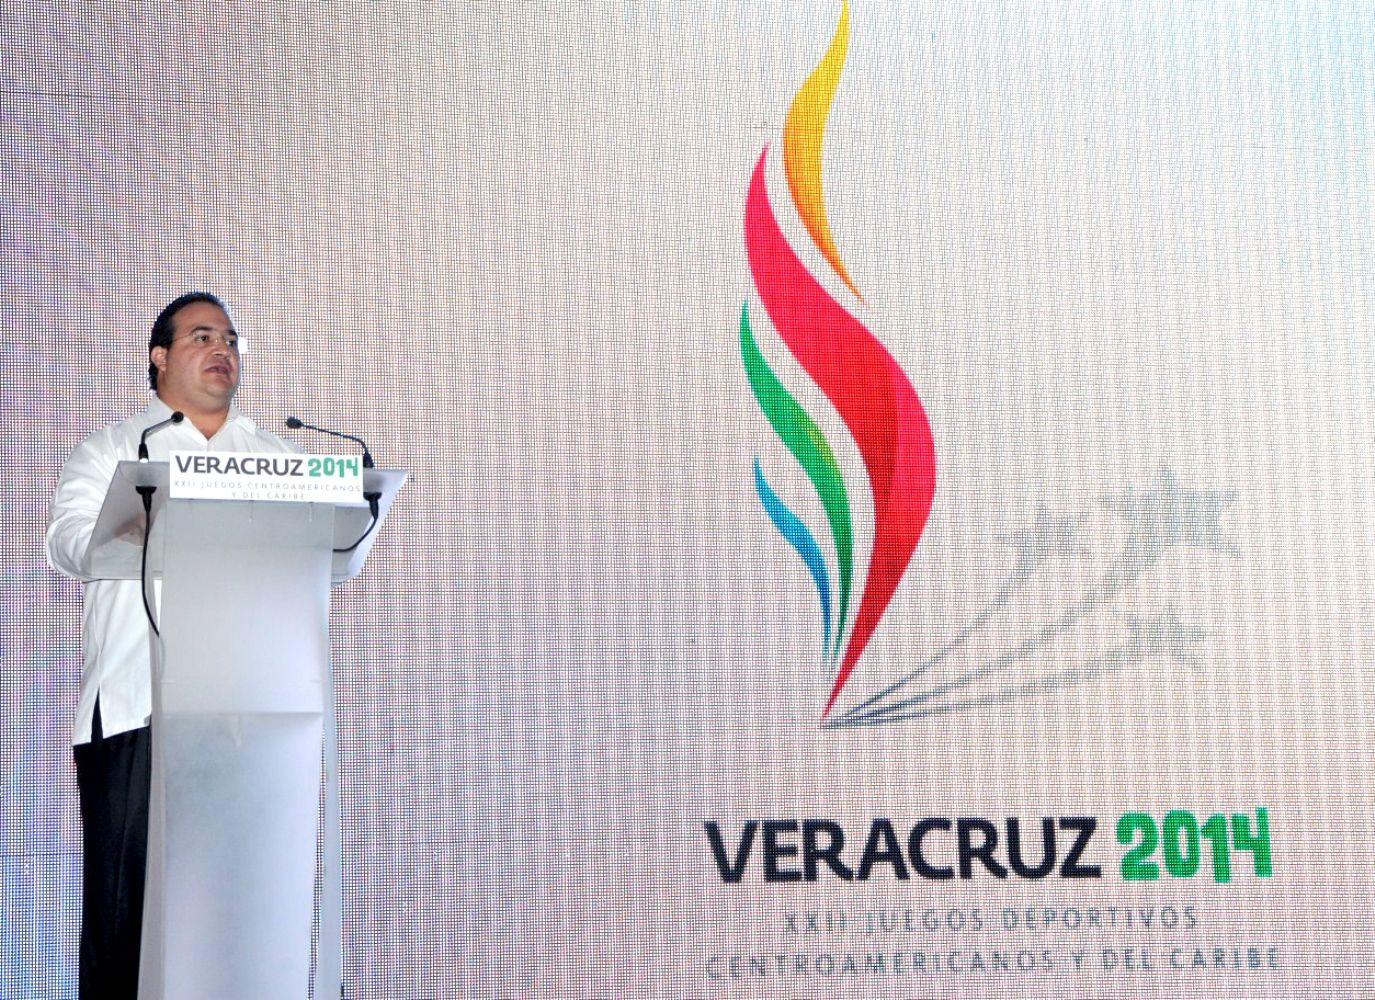 Al presentar los avances de la organización y de las obras de infraestructura para el desarrollo de los Juegos Centroamericano… | Centroamericanos, Caribe, Veracruz